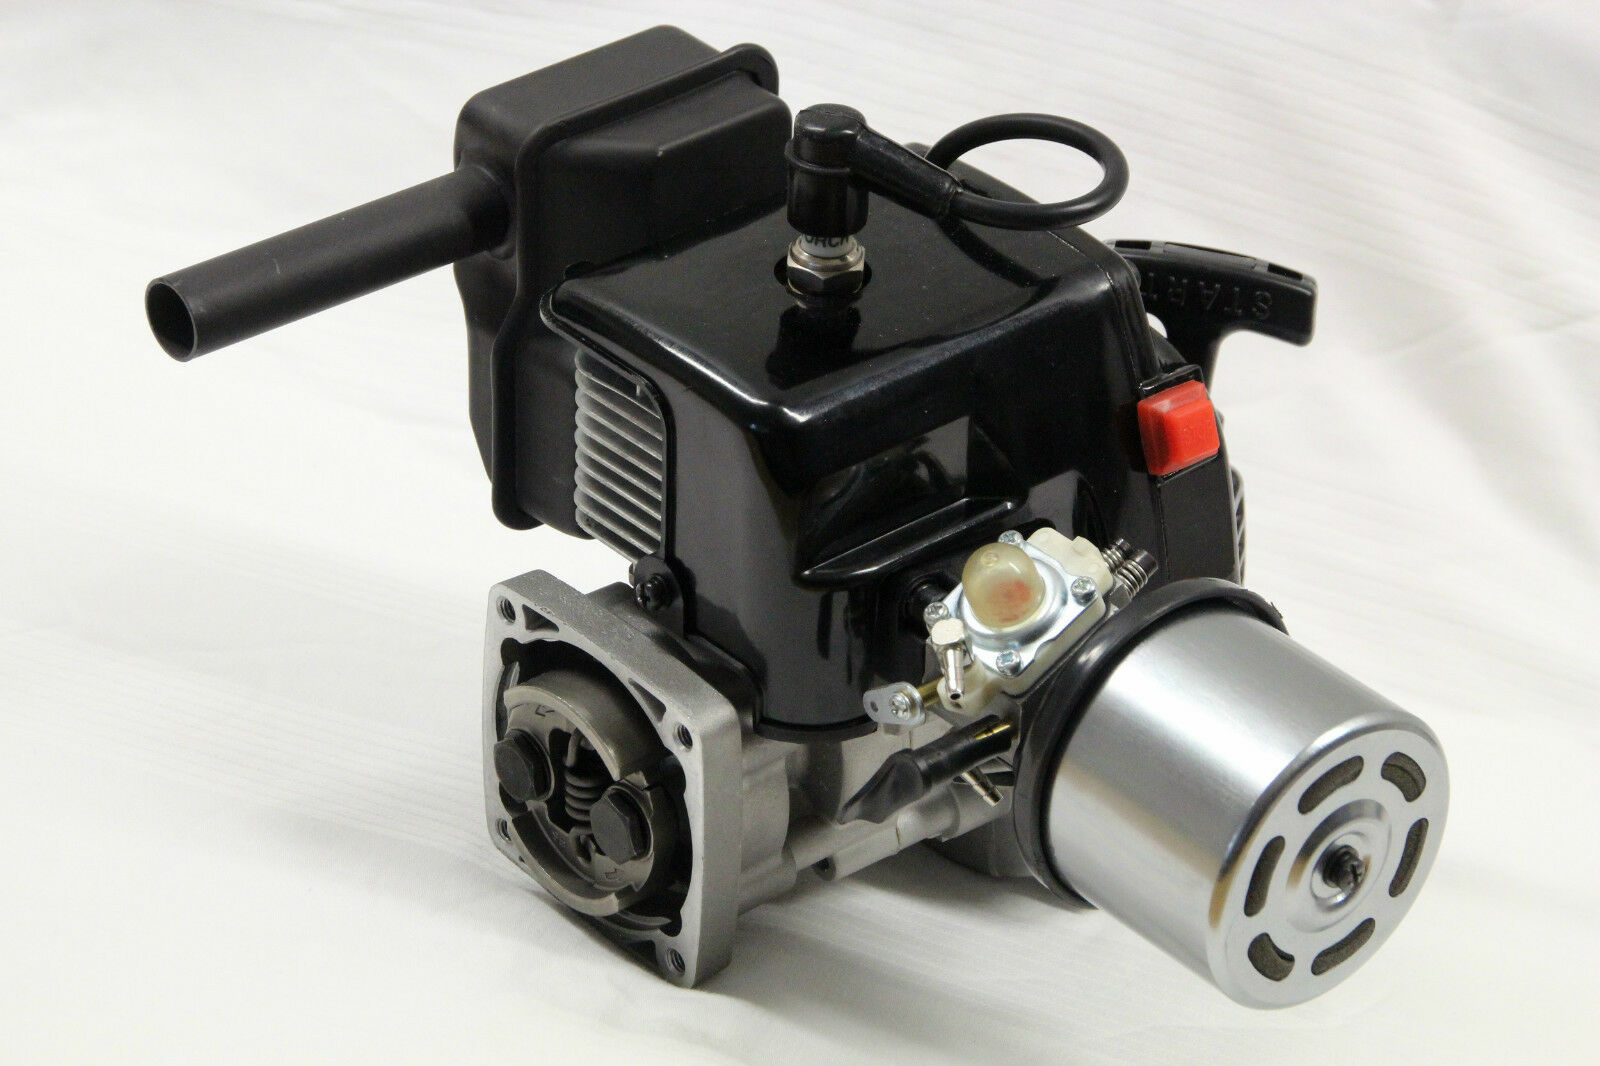 XTC RC Motore Corsa 31ccm 4PS Fg autoson  Hpi LRP Amewi Mcd Vrx Hsp Losi 1 5  miglior servizio